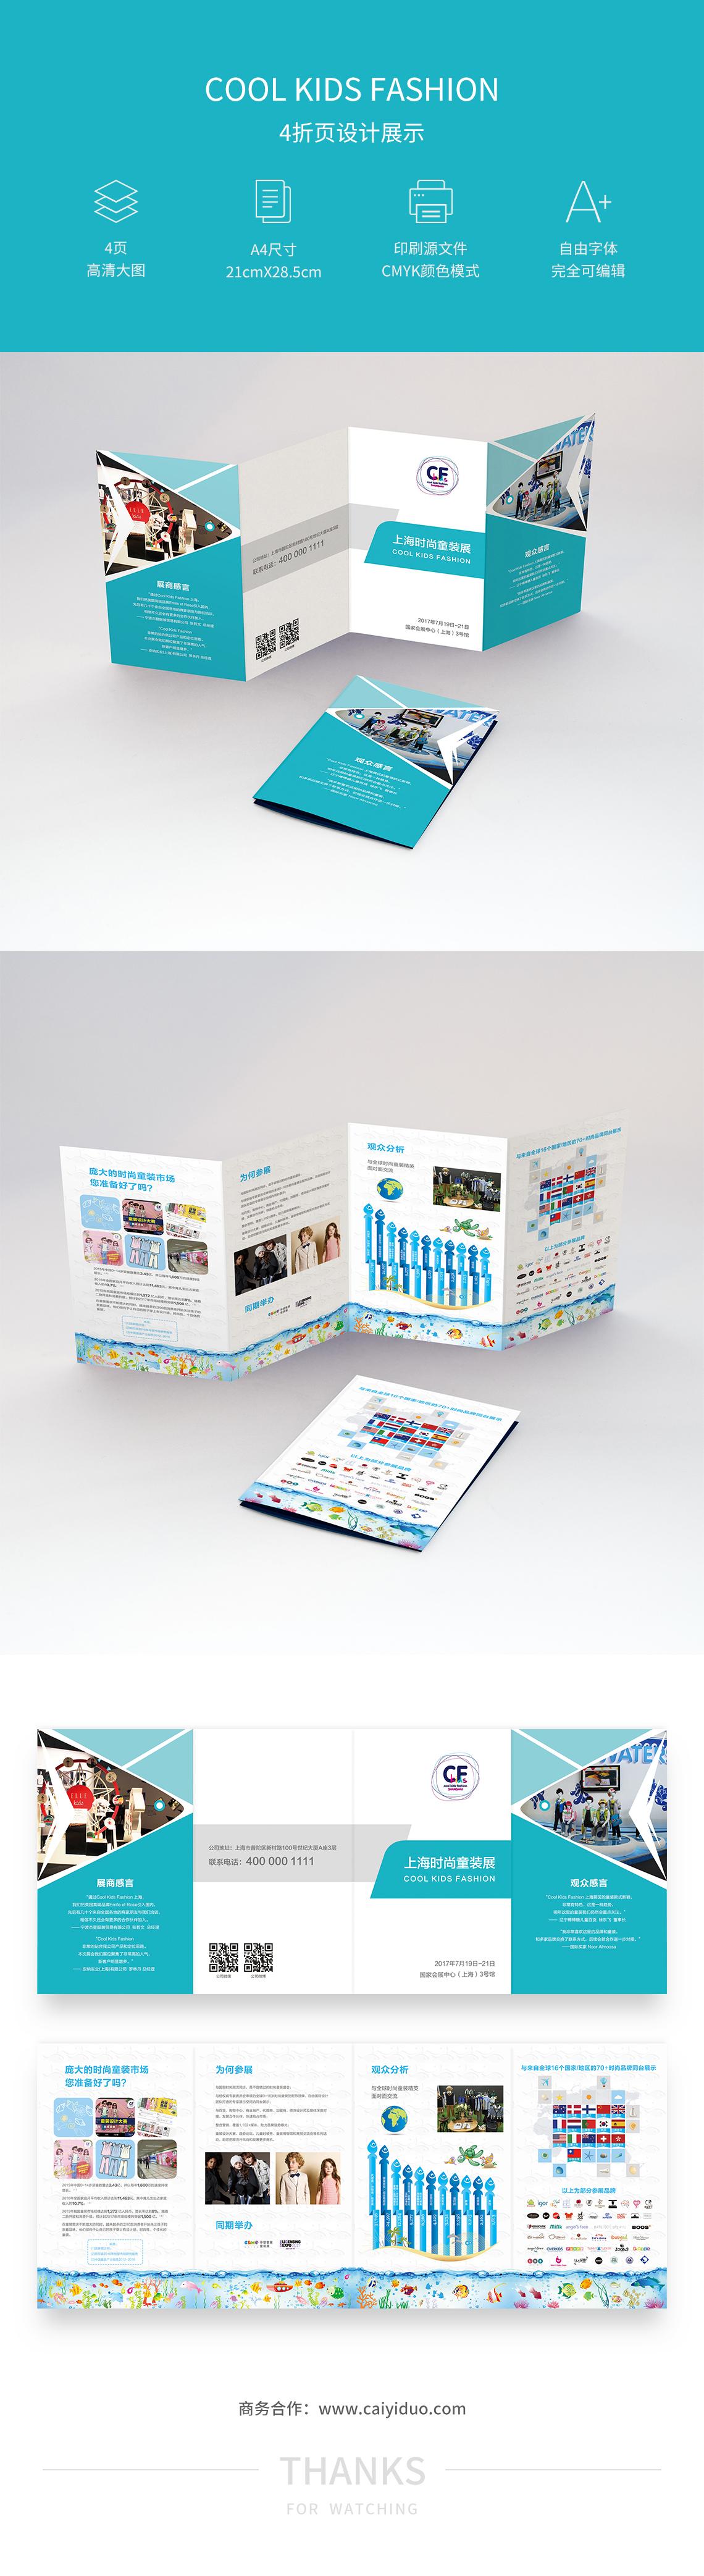 公司案例平面印刷品2018-3CKF4折页